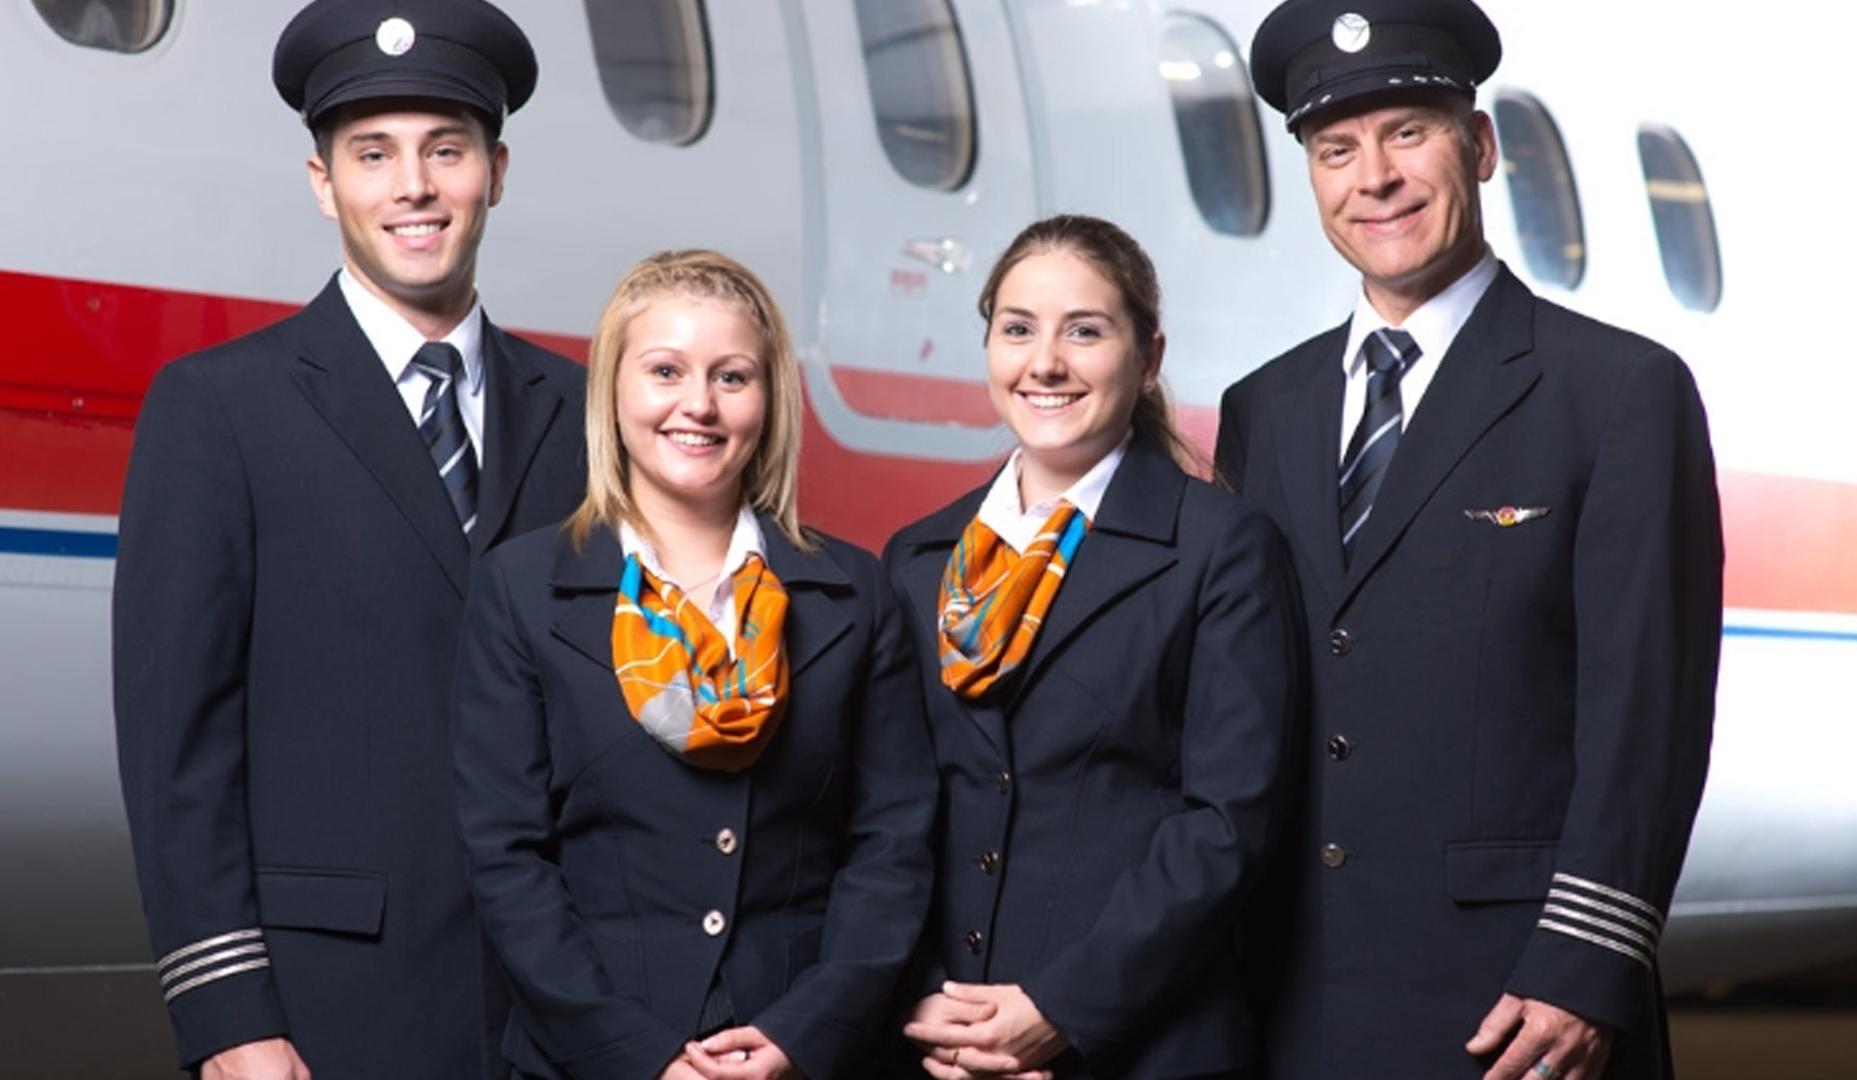 <P ALIGN=LEFT>Airline & Travel</P>